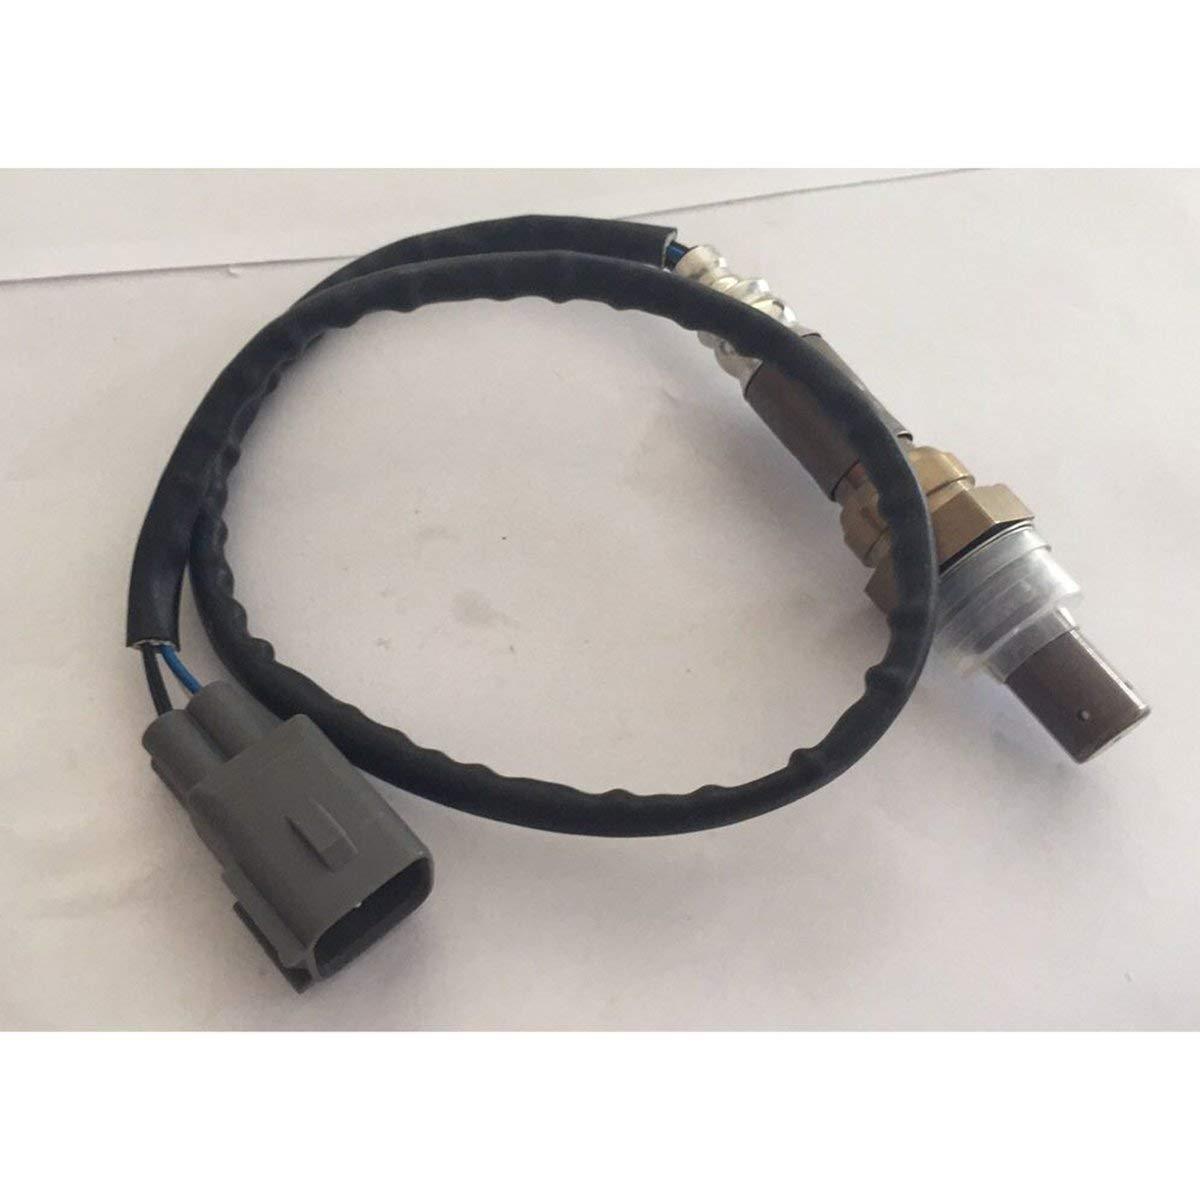 Gugutogo Sonde d'oxygè ne de RAV 42.0L 89467-42020 en aval pour 2001-2003 Toyota